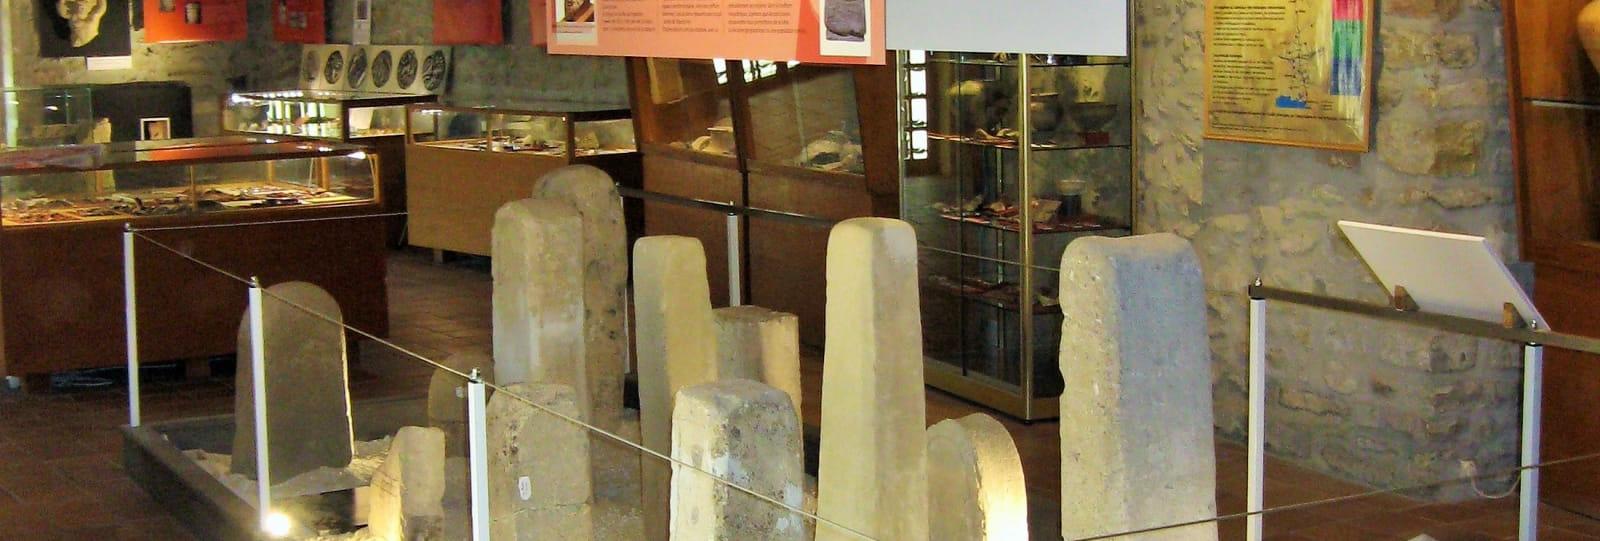 Stèles héroïques du sanctuaire - Musée archéologique - Le Pègue